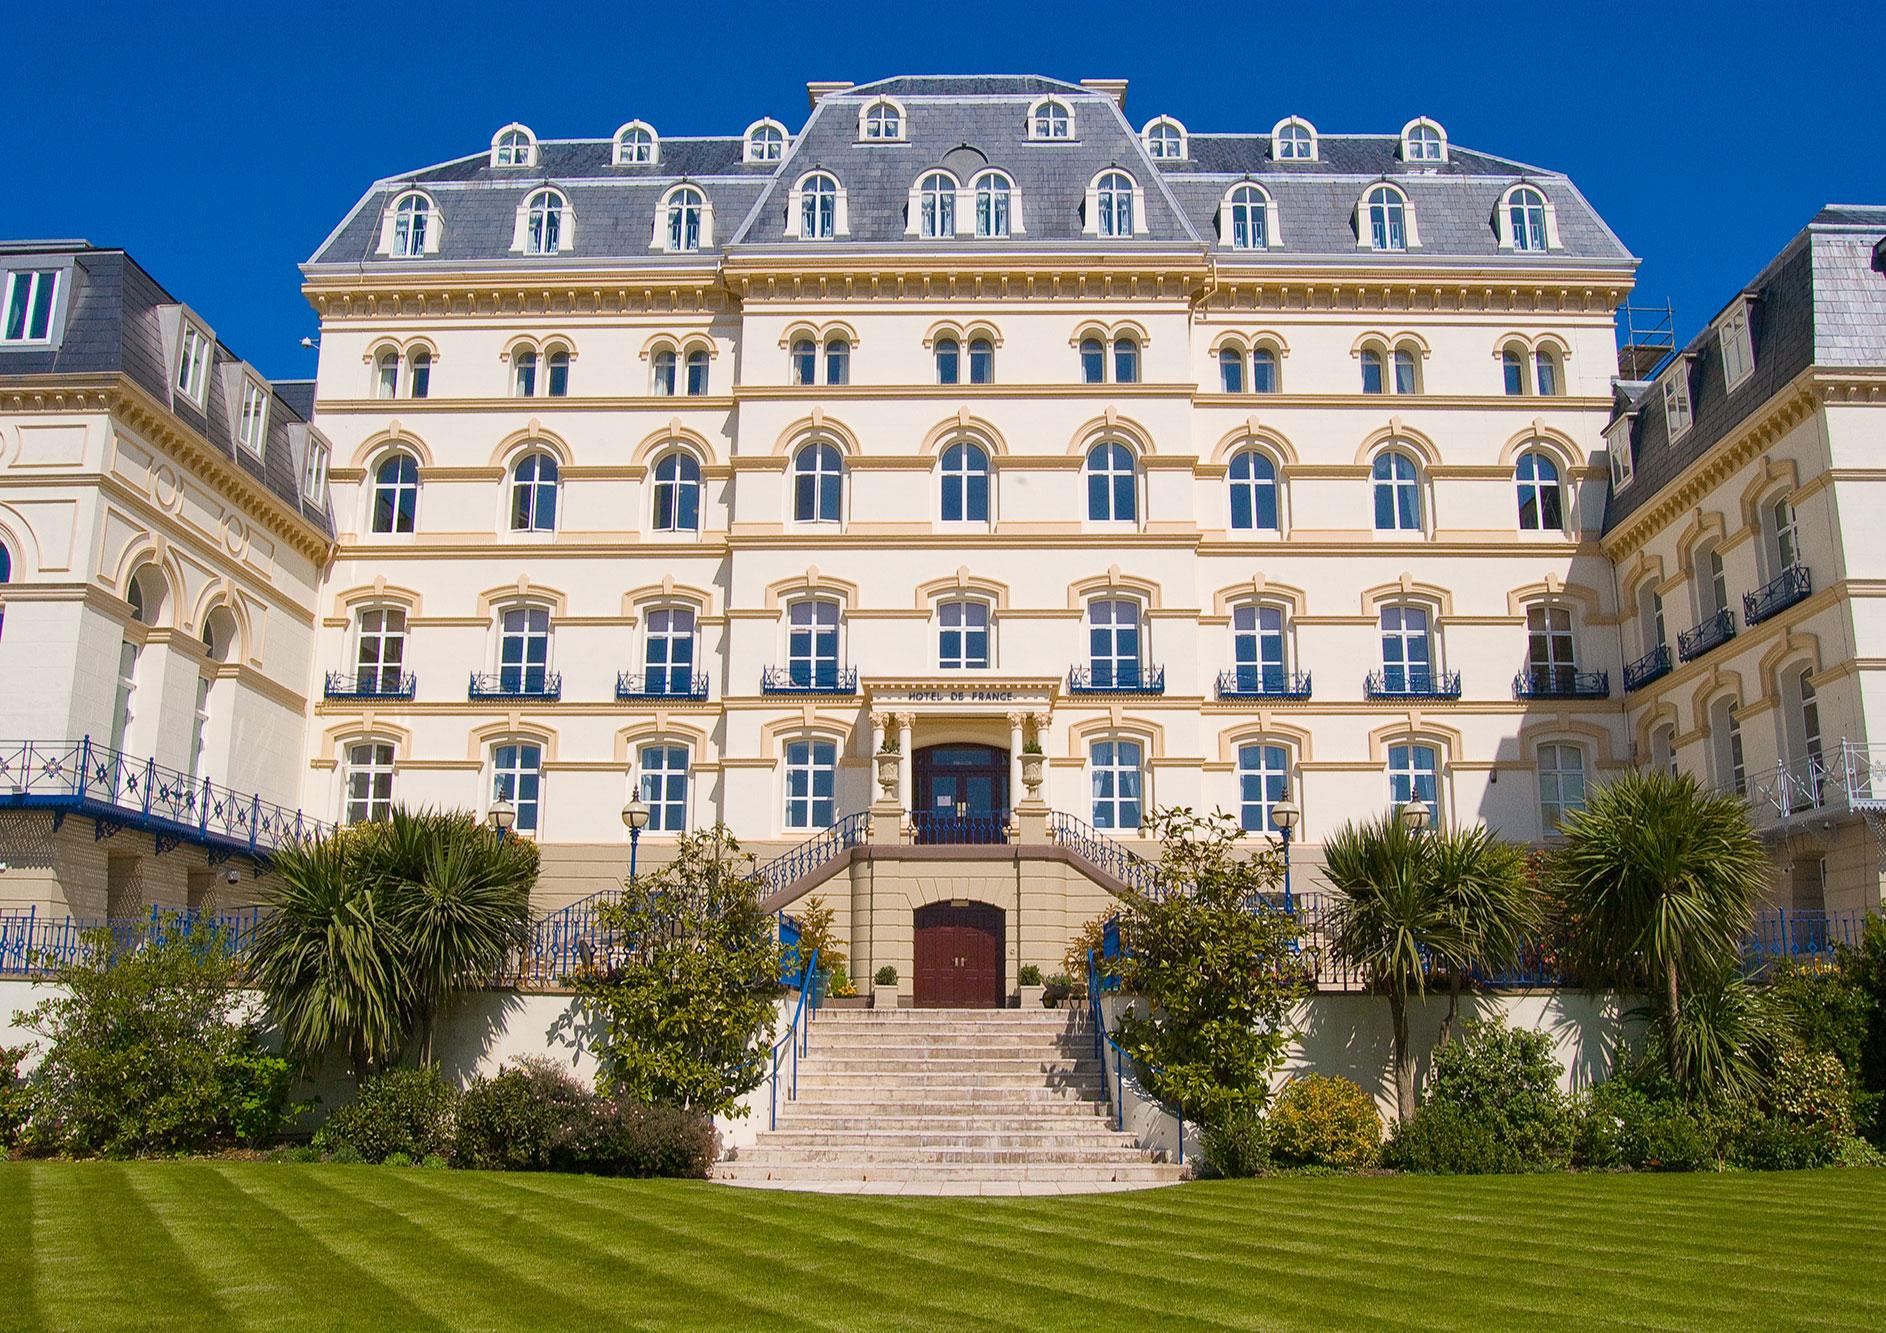 HoteldeFrance